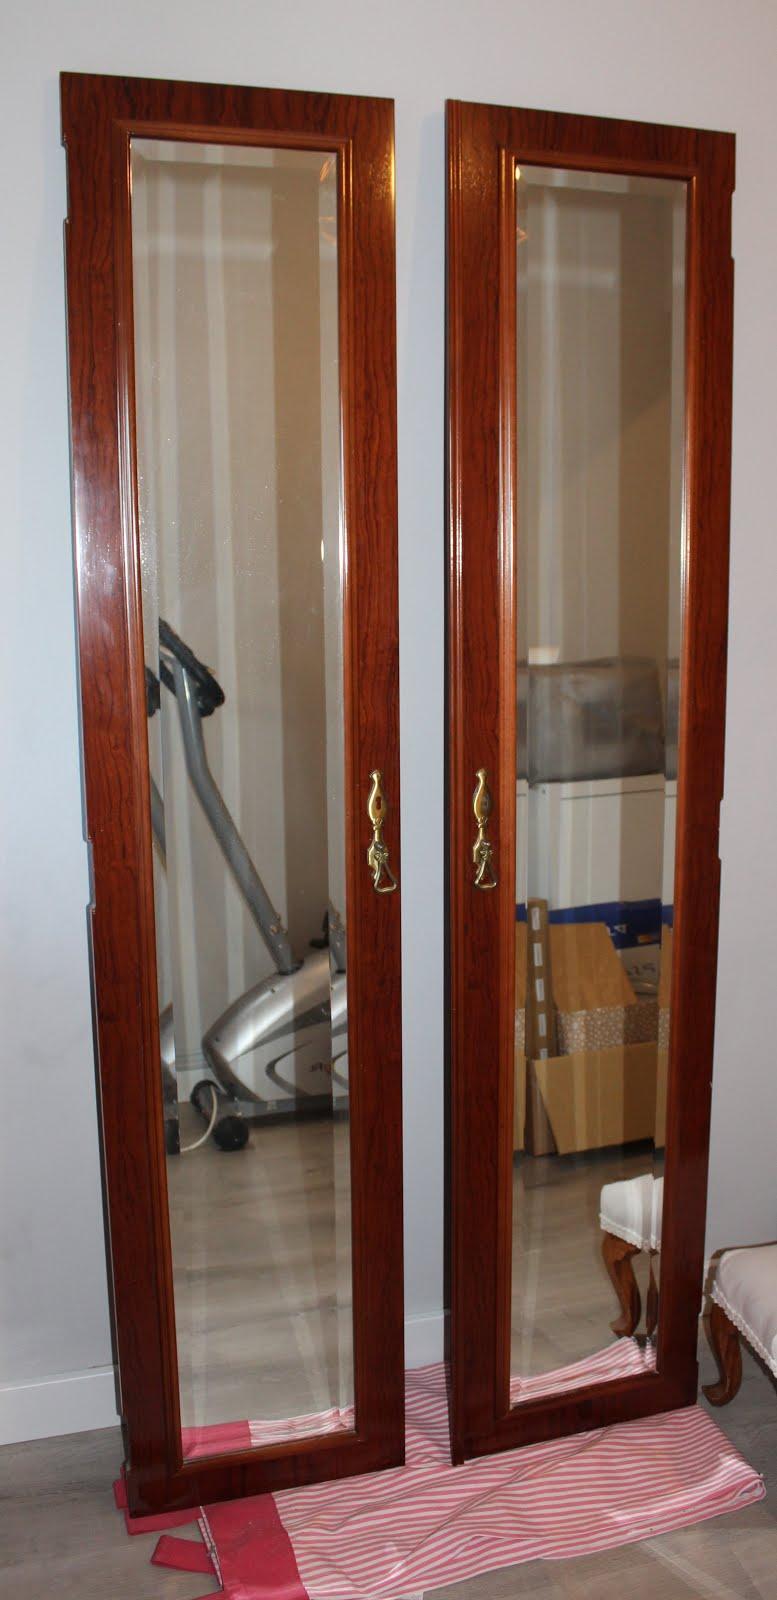 Excepcional Mueble De Cocina Pintores Barrie Composición - Como ...